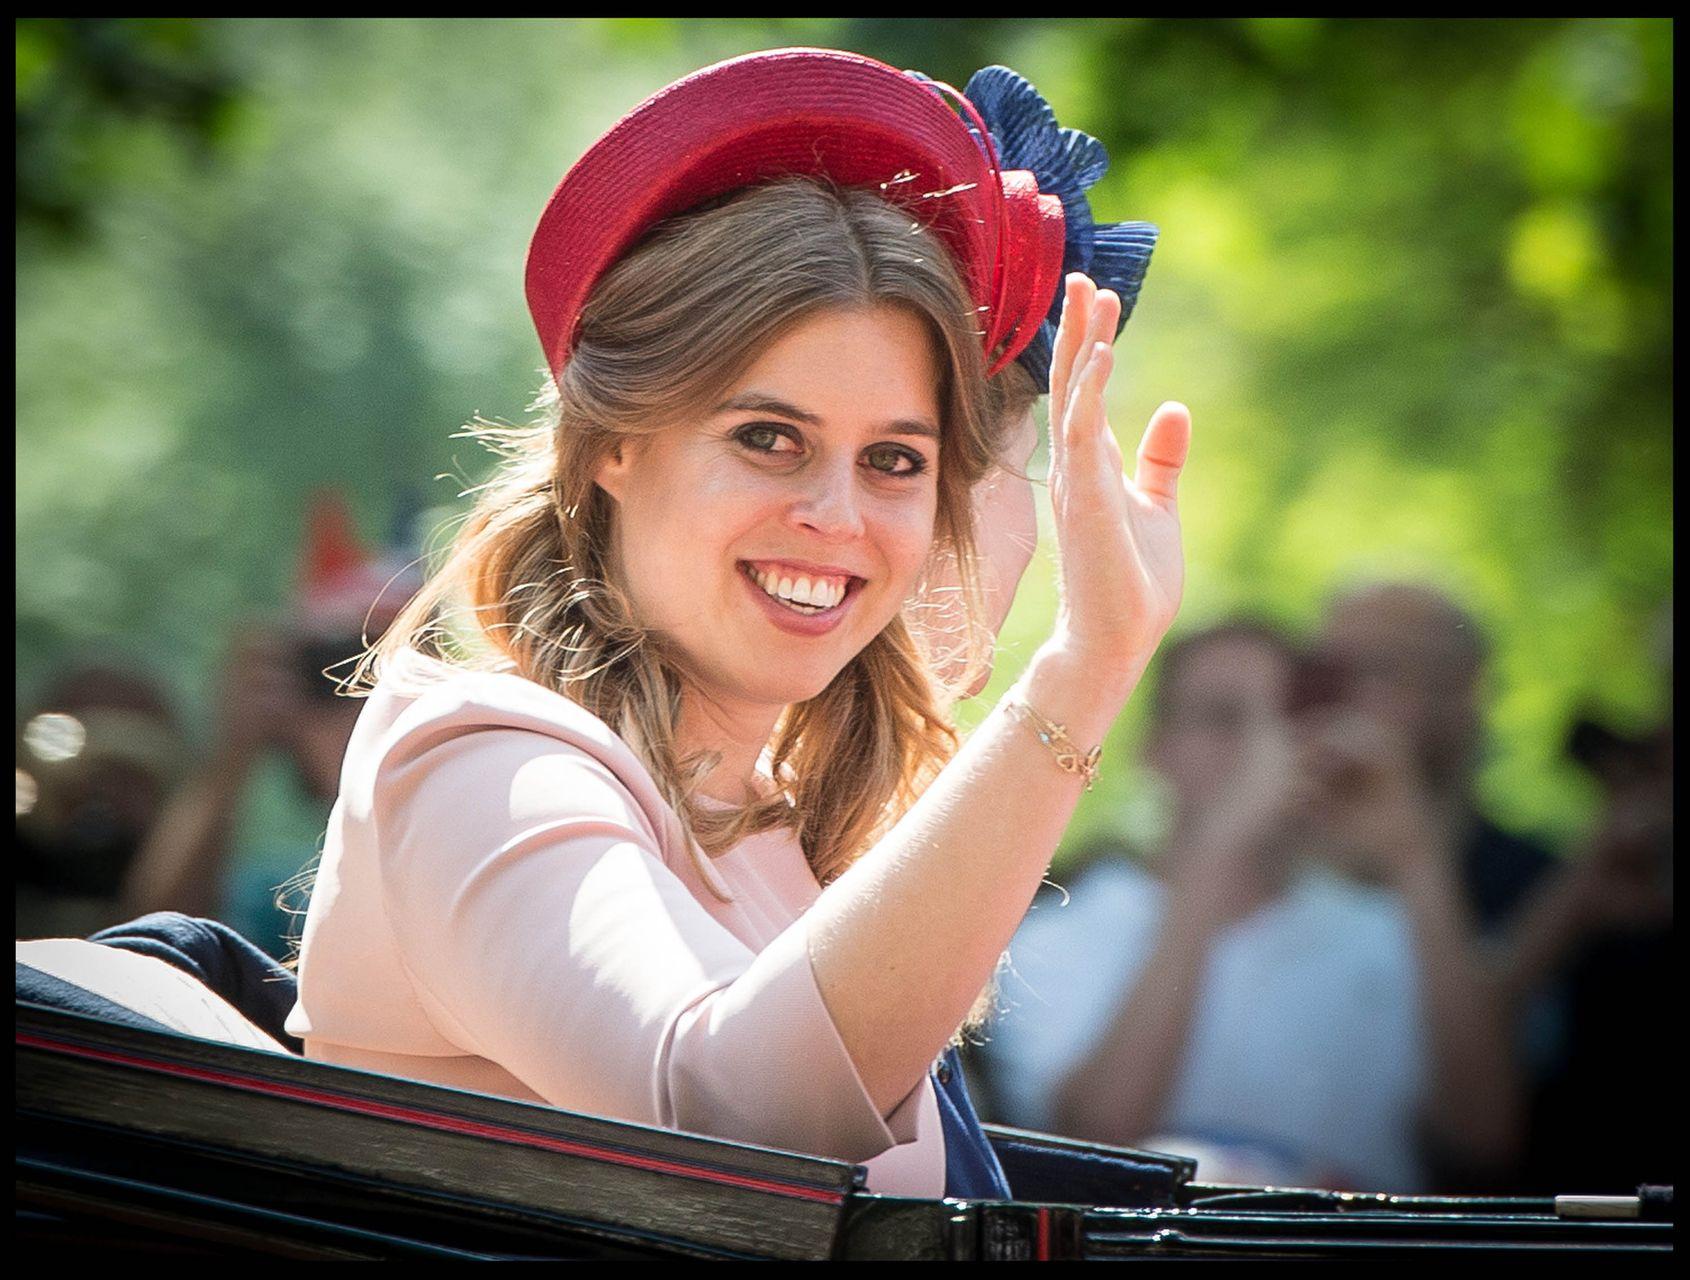 Księżniczka Eugenia wychodzi za mąż - wszystko, co powinniście o niej wiedzieć